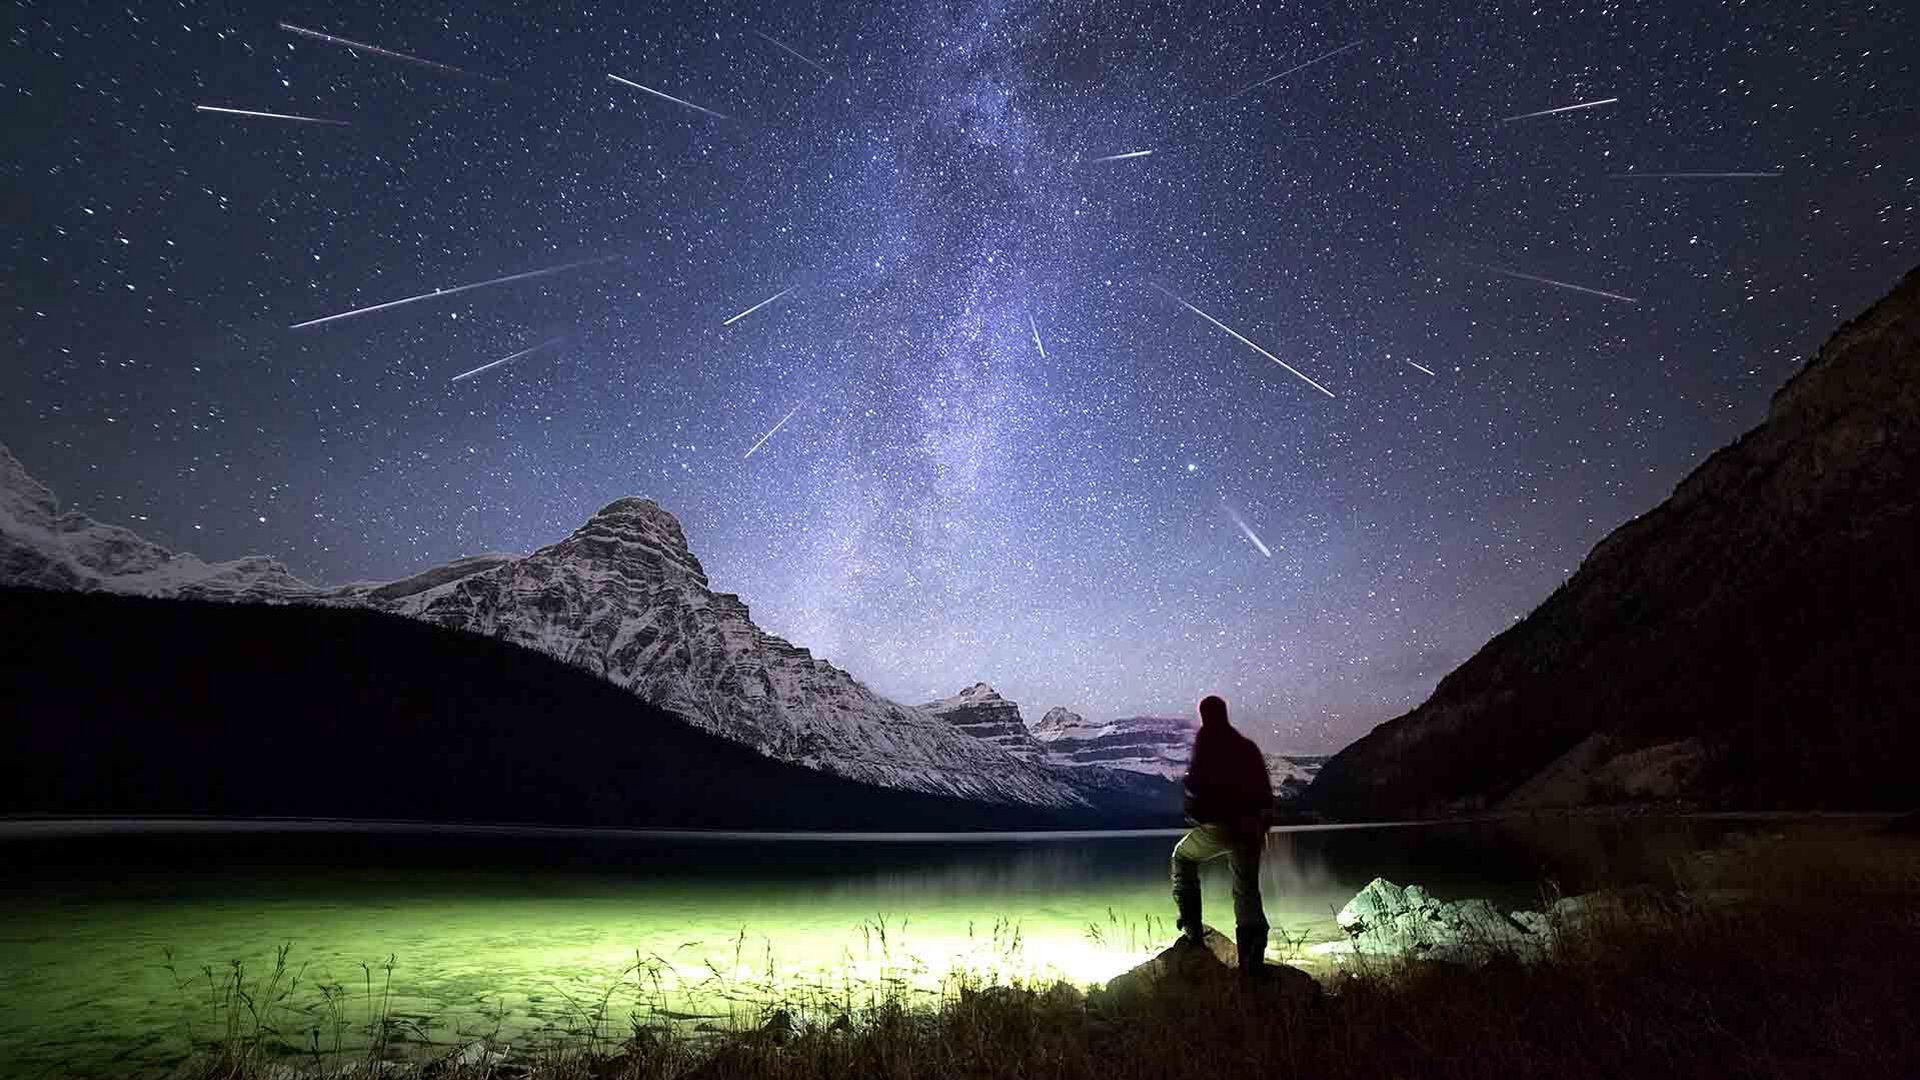 11月初在天空中可以看到什么?